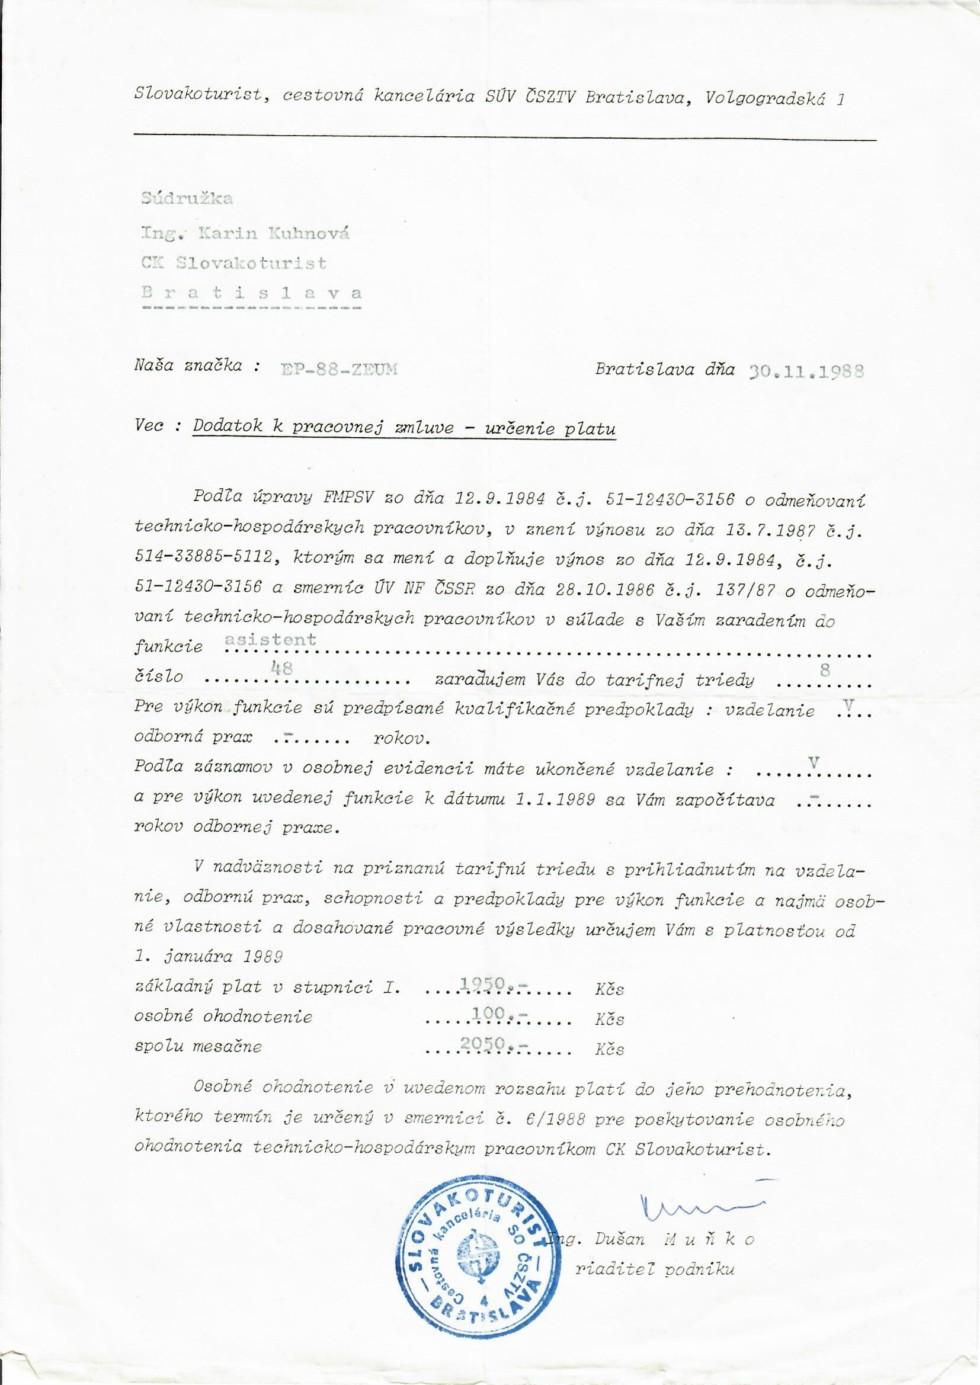 Podpísaný je súdruh Dušan Muňko, vtedajší podnikový riaditeľ Slovakoturistu, neskorší privatizér za Mečiara a súčasný poslanec za SMER-SD.